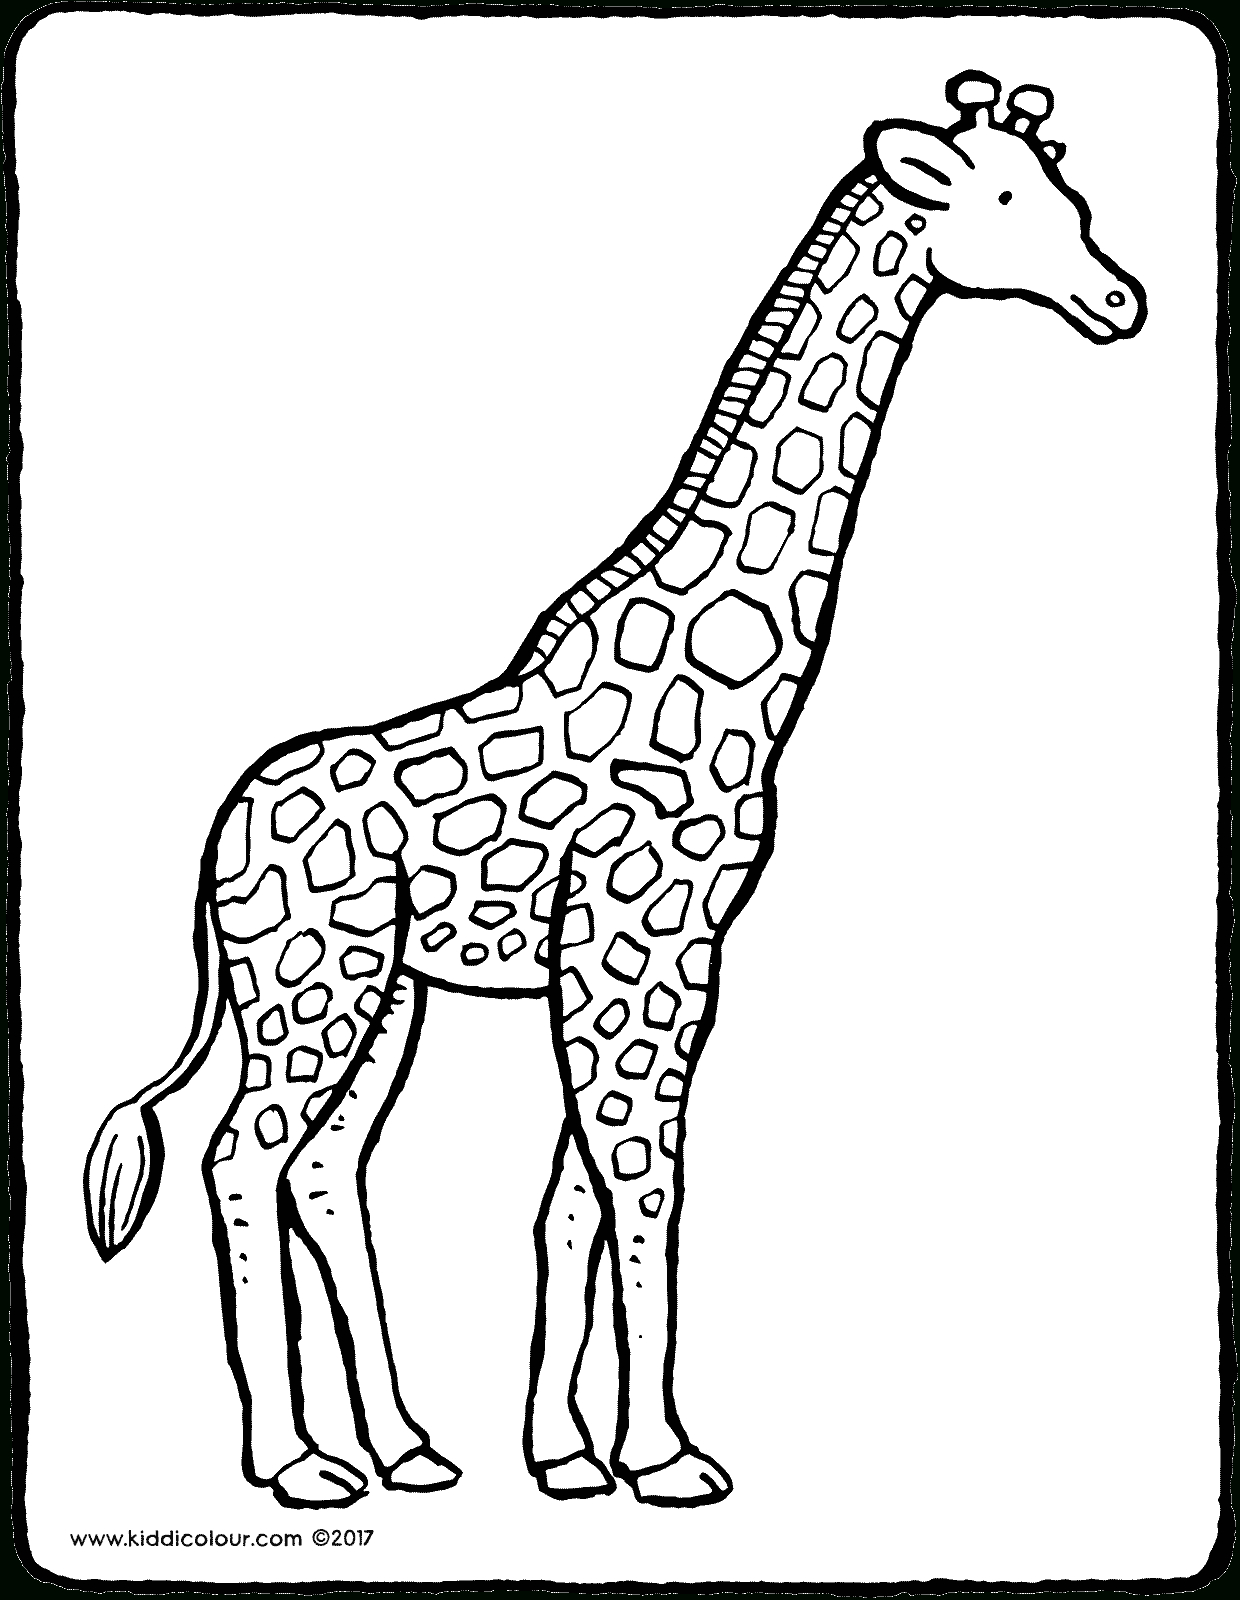 Giraffe - Kiddimalseite bestimmt für Giraffe Ausmalbild